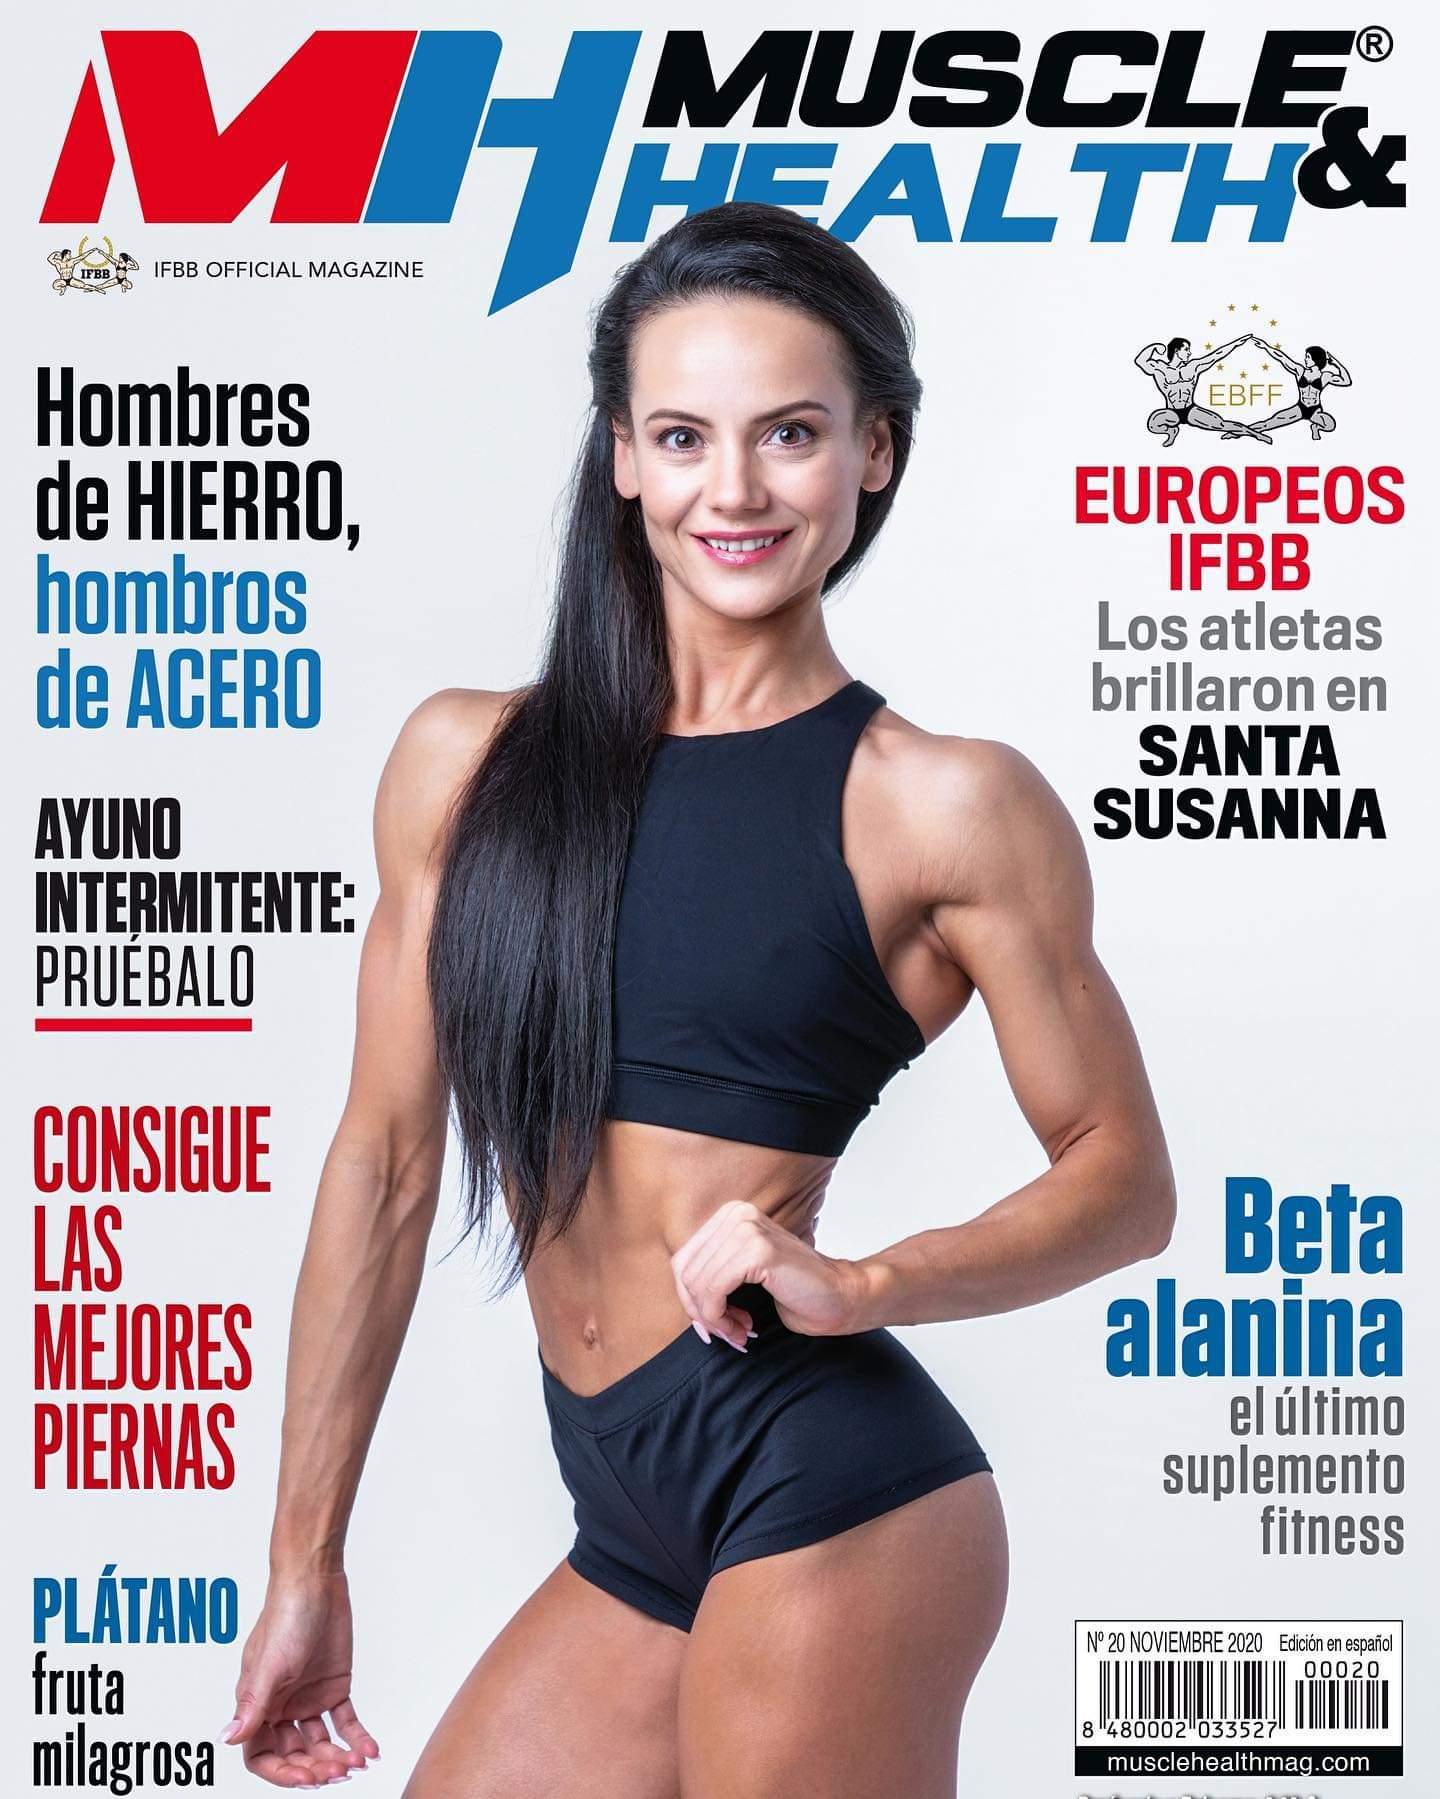 muscle & health novembre dicembre 2020